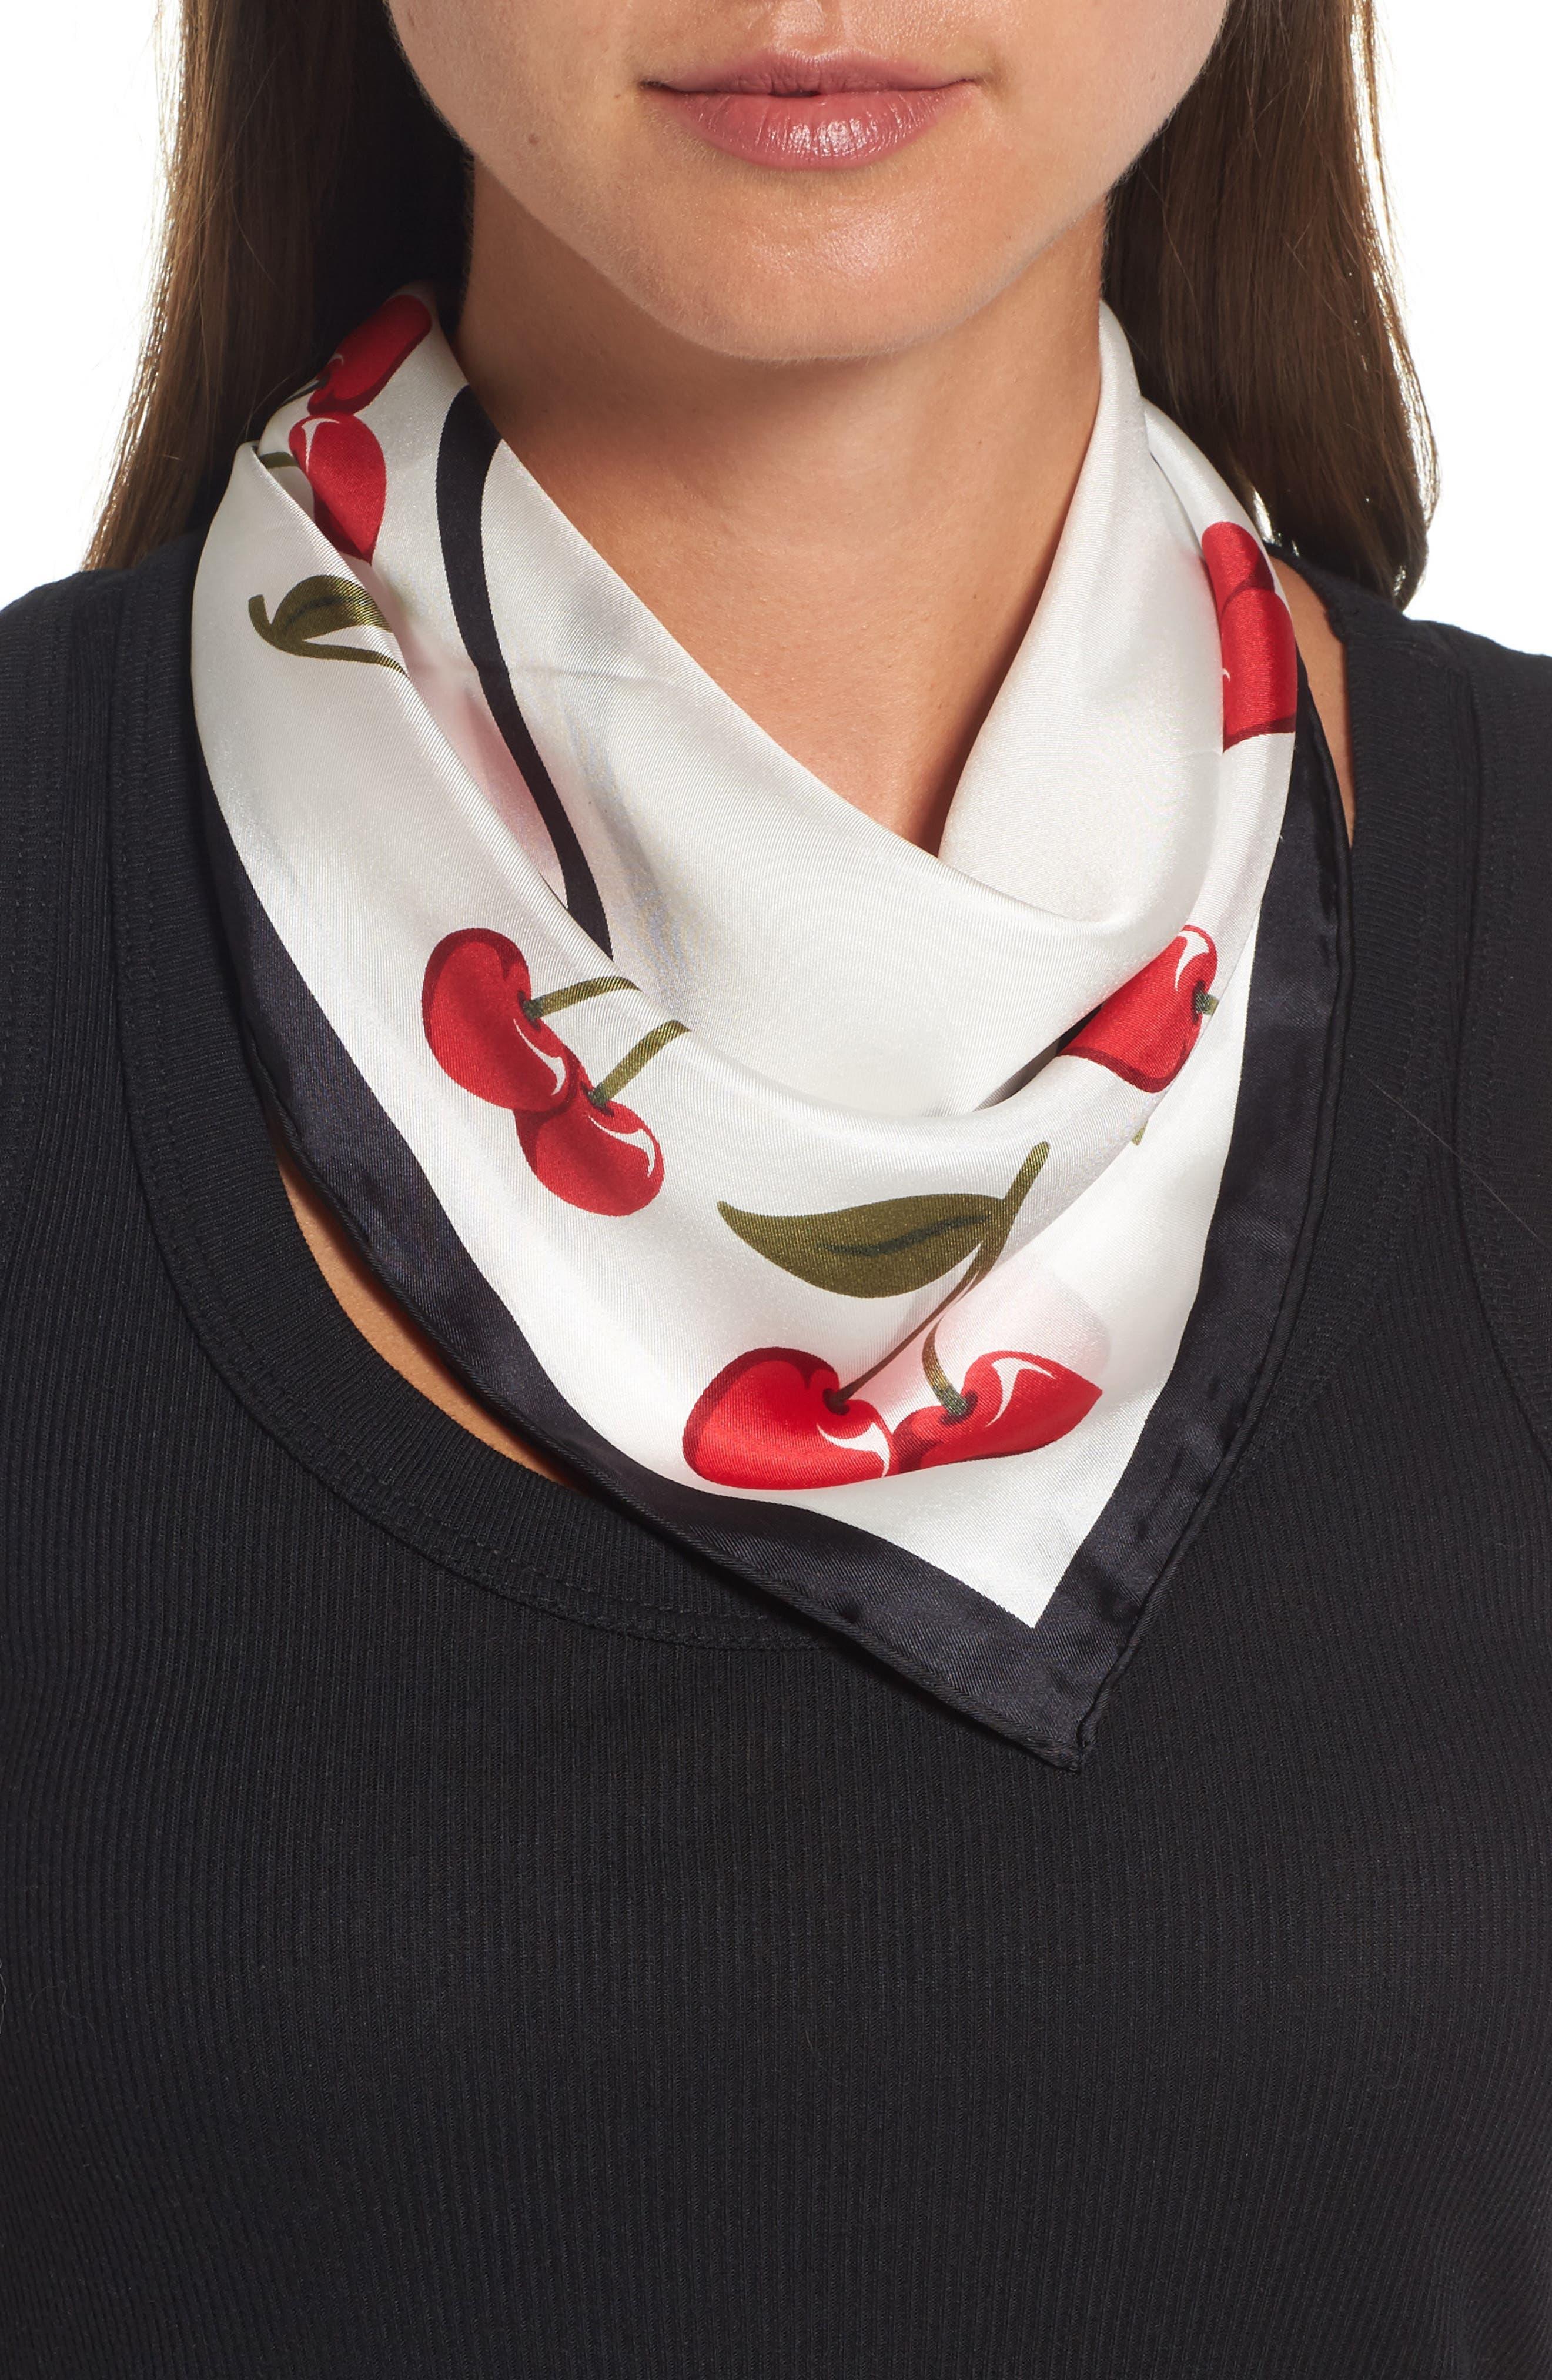 kate spade new york cherry silk bandana